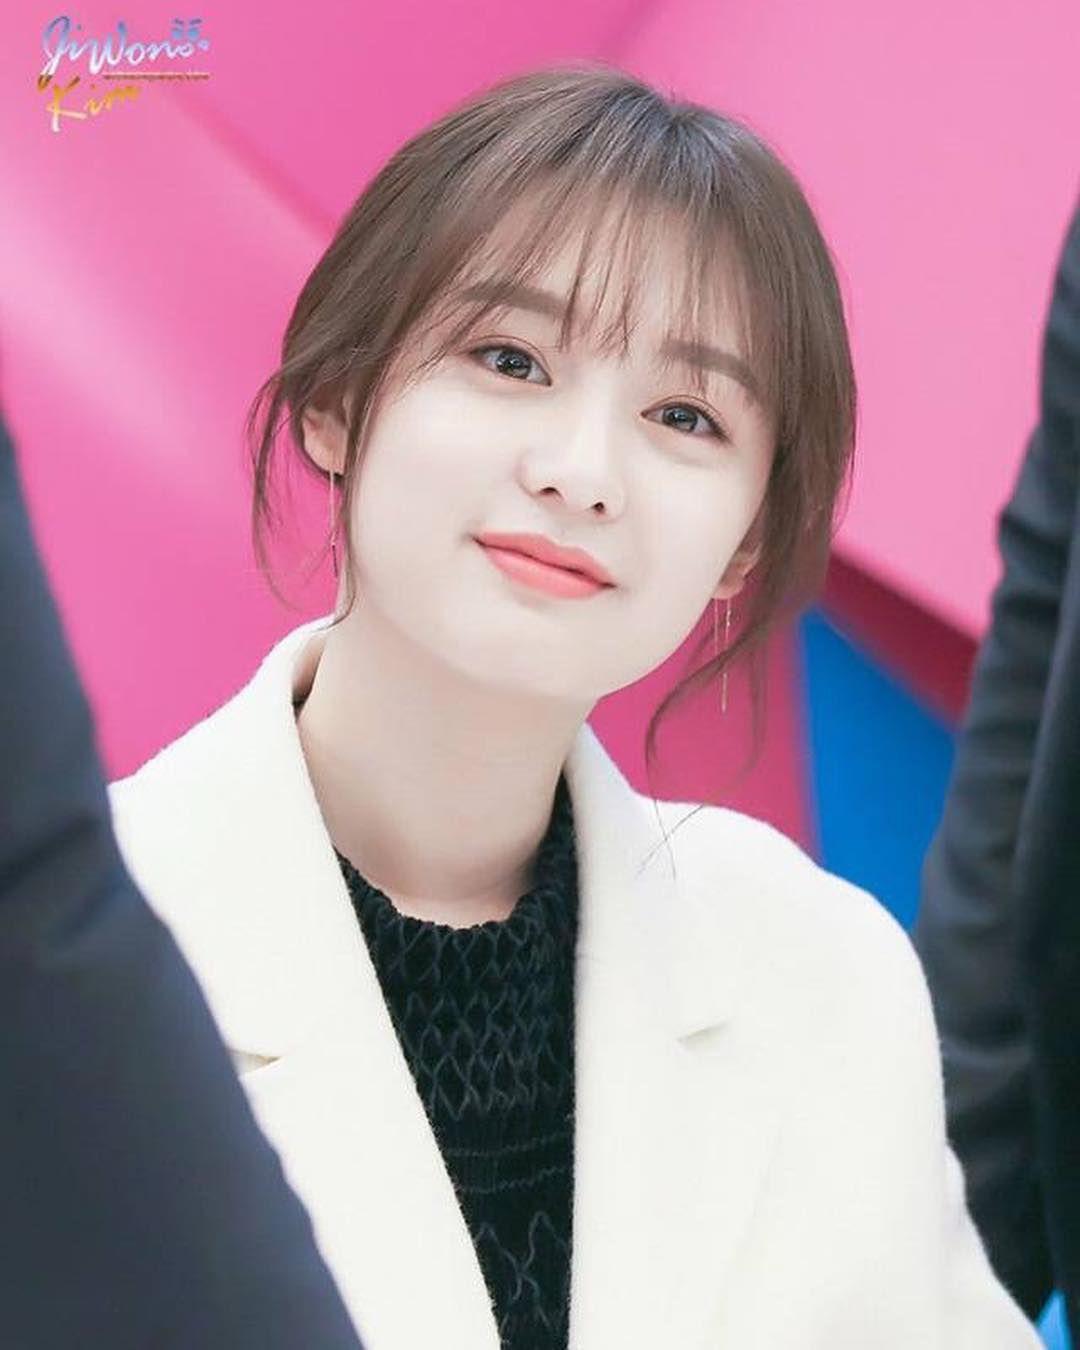 Rộ tin Ji Chang Wook nên duyên cùng 'nữ thần' Kim Ji Won, fan sợ xanh mặt vì sắp sửa có thêm một 'bom xịt'? - Ảnh 2